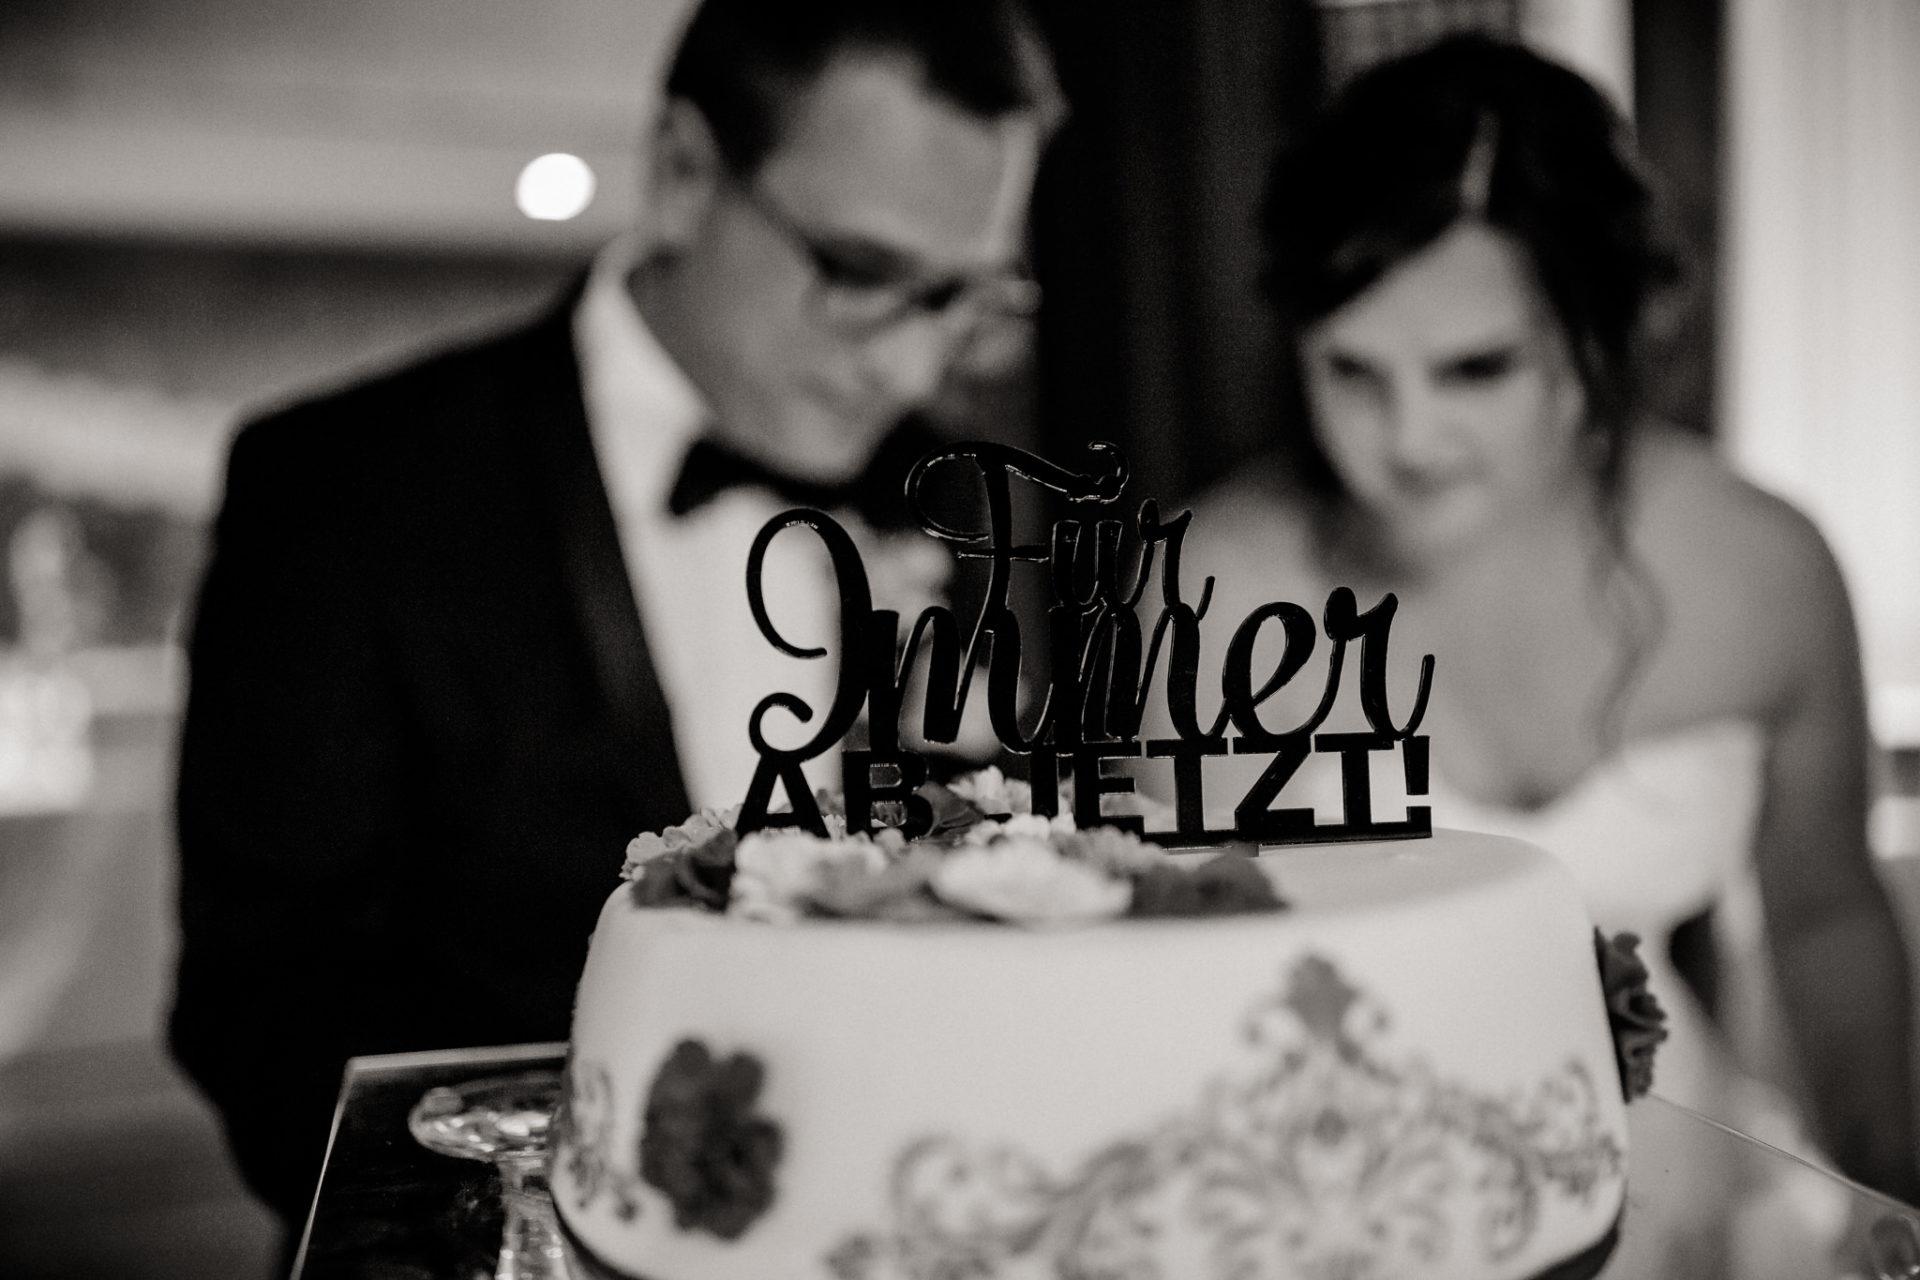 hochzeitsfotograf schloss heinsheim-elegant heiraten-Schafstall Heinsheim-Hochzeit Stuttgart Heilbronn-Hochzeitstorte-für immer ab jetzt